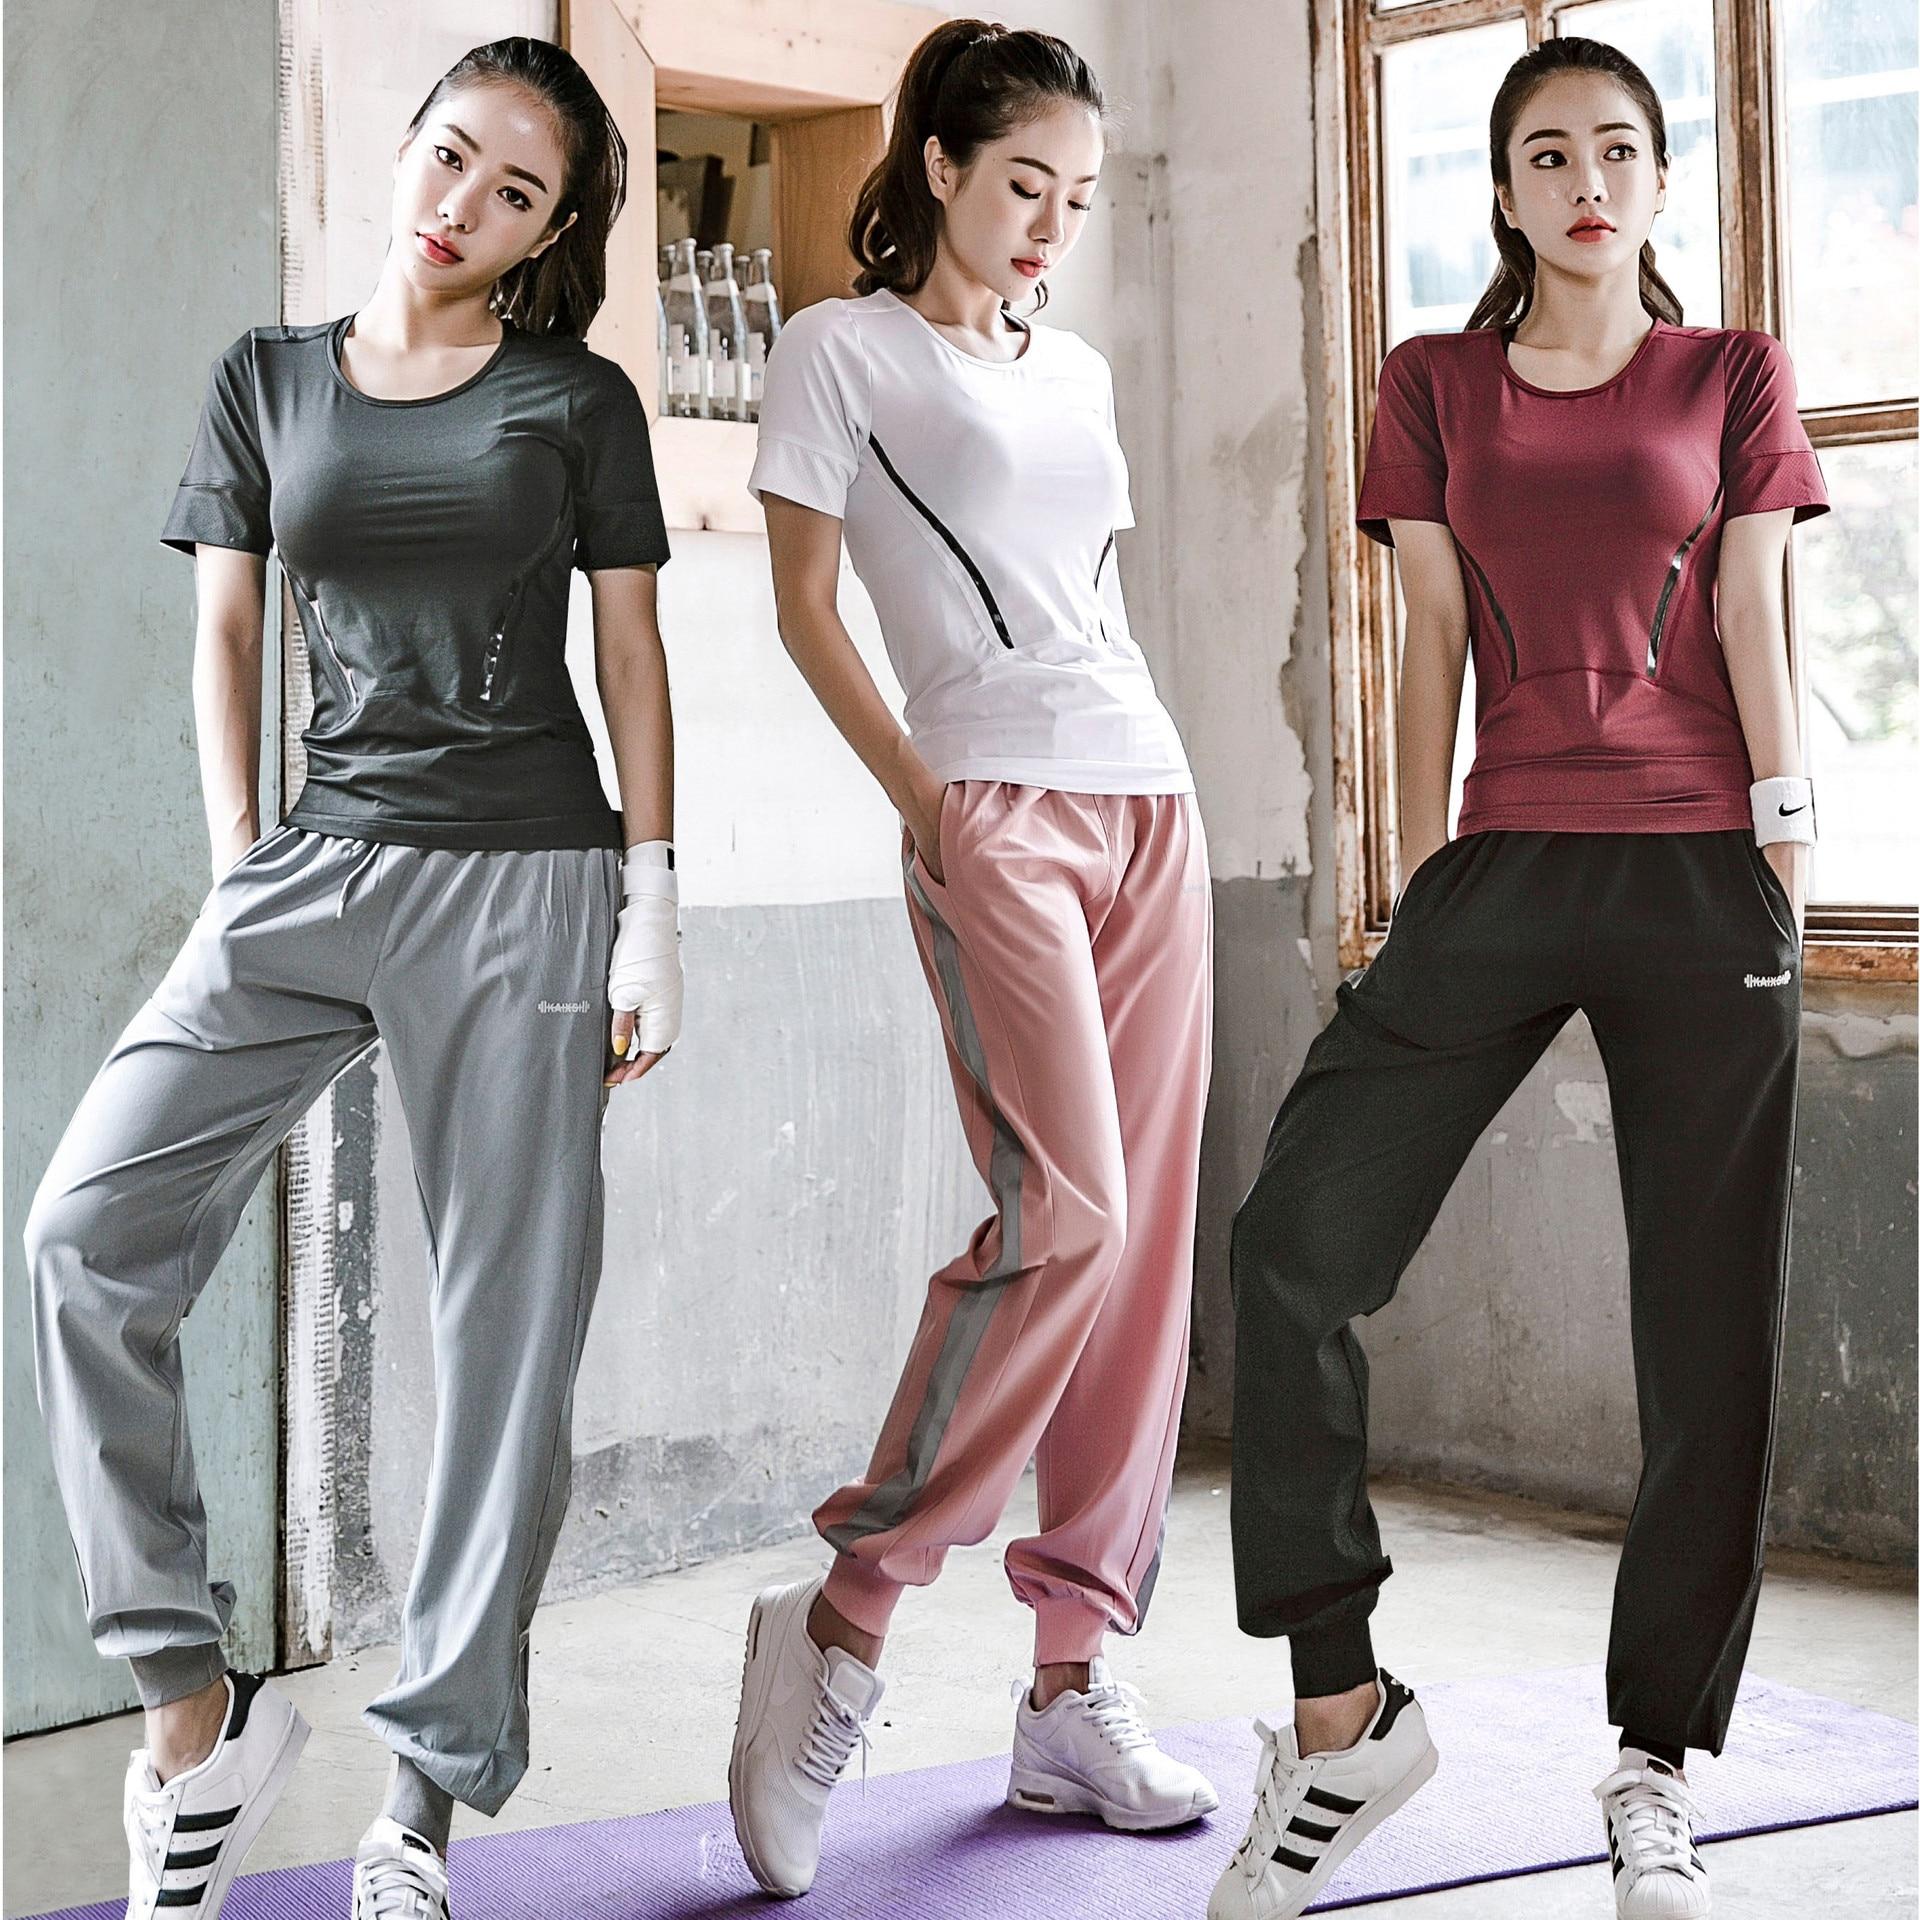 Nueva ropa deportiva para mujer, conjunto de Yoga para mujer, camisa deportiva, sujetador deportivo y pantalones deportivos, conjunto de chándal para mujer